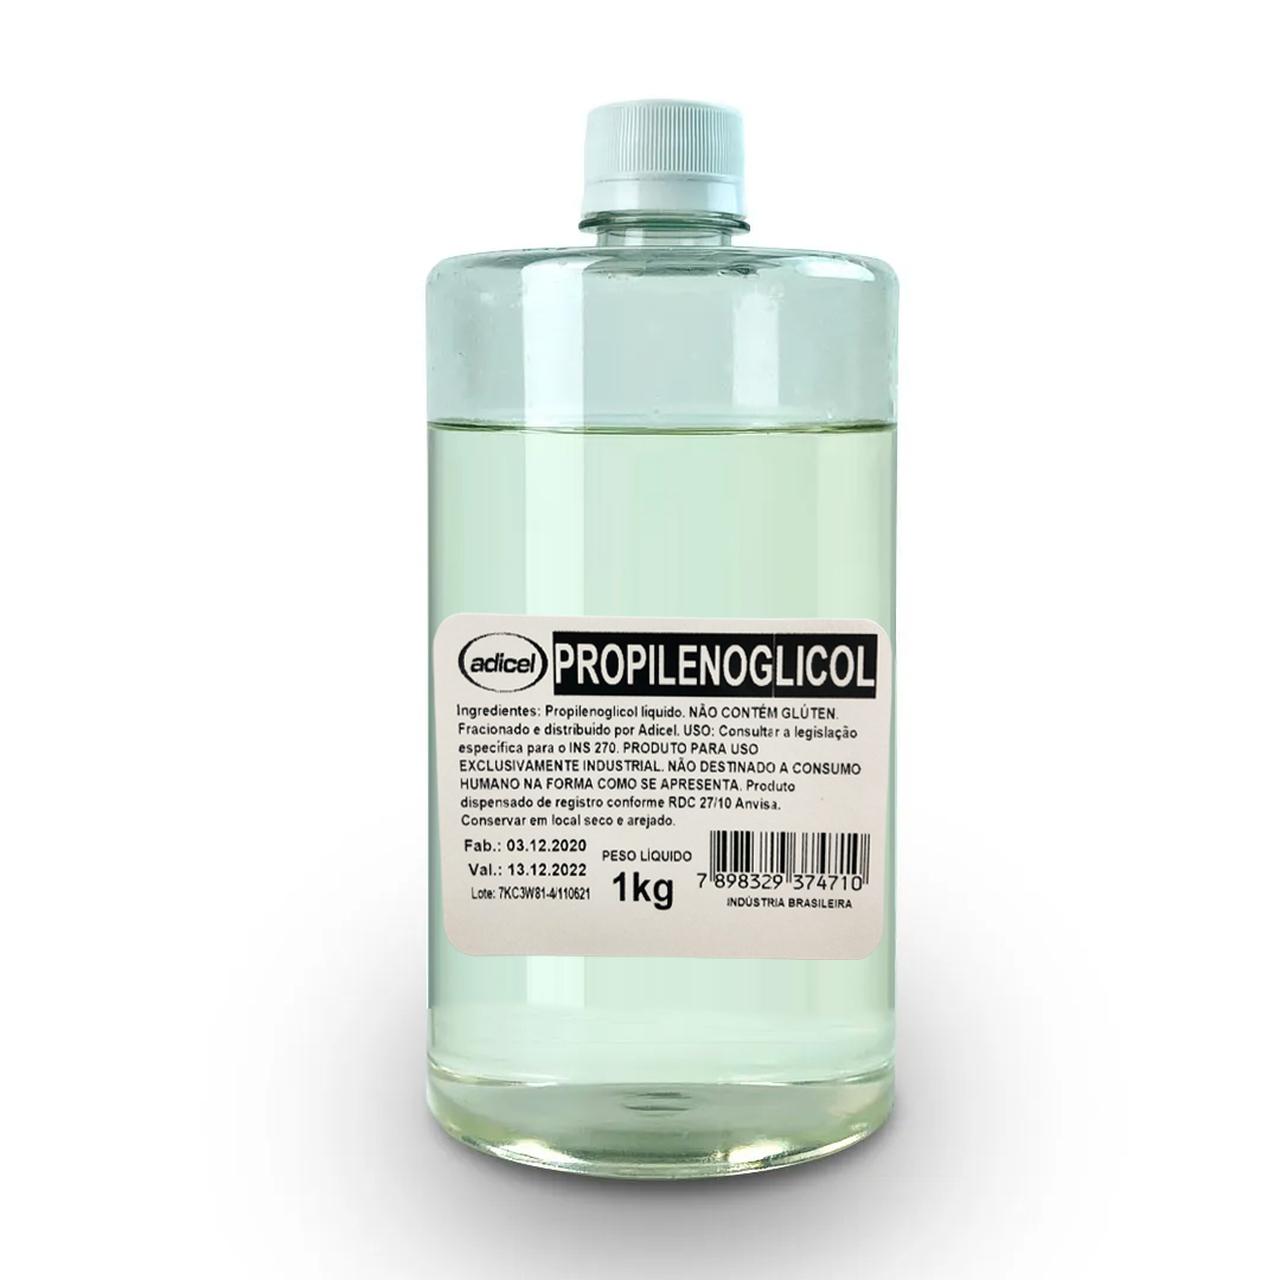 Propilenoglicol - 1kg